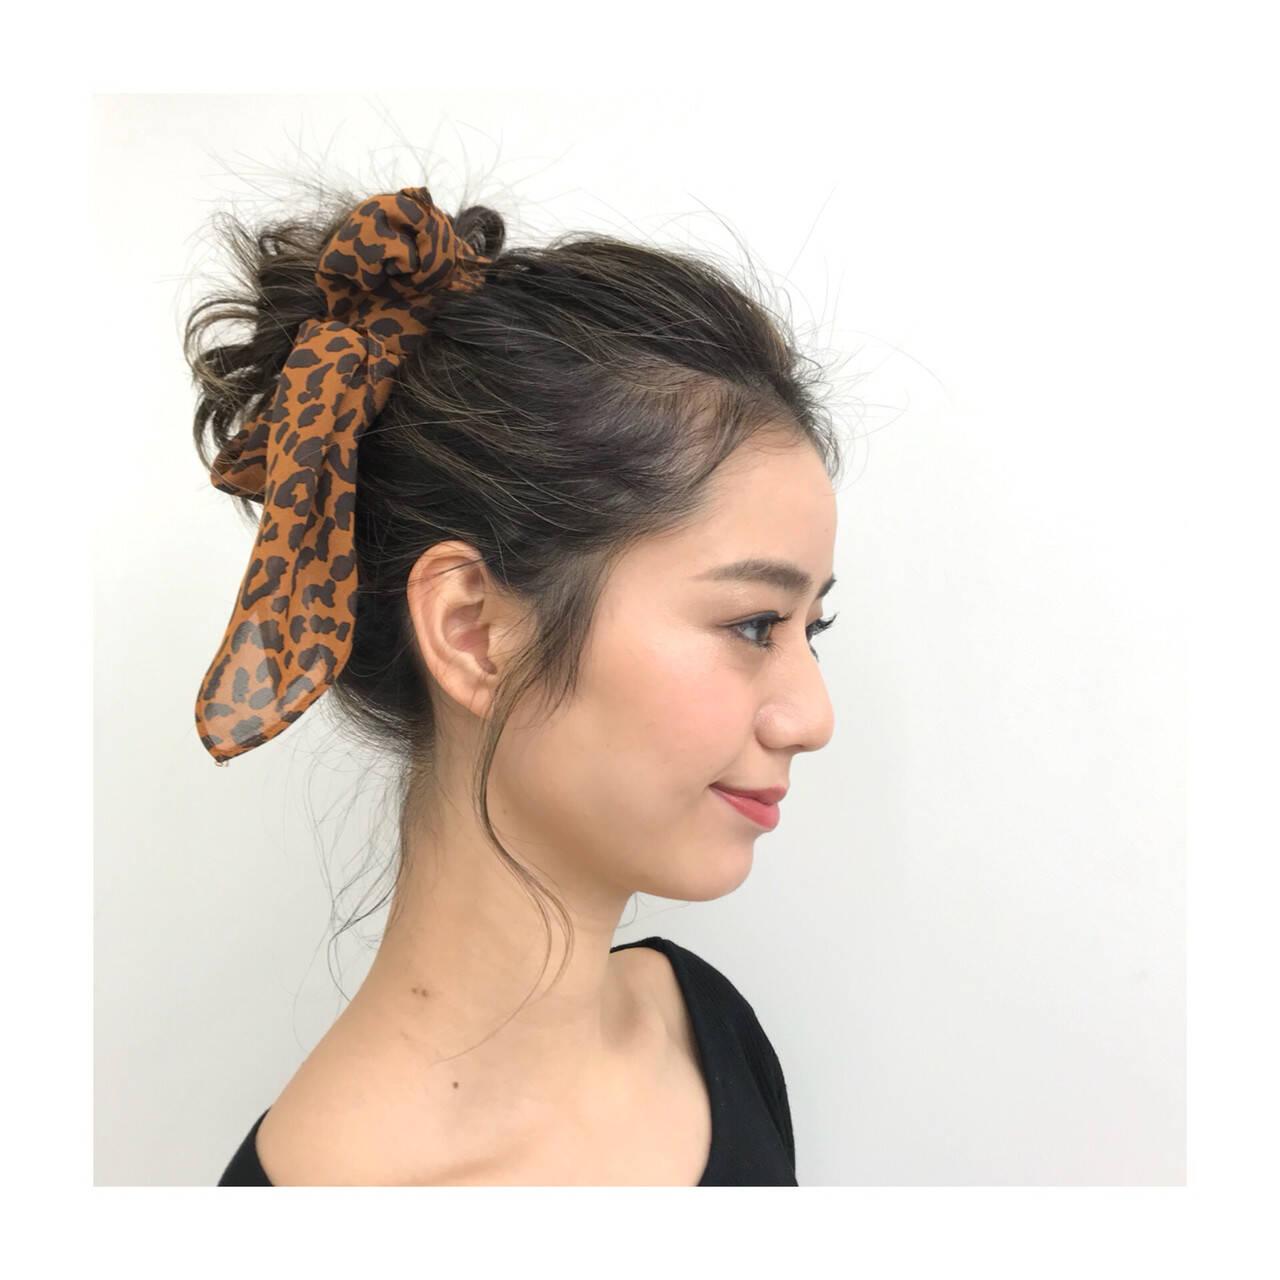 フェミニン ロング コントラストハイライト ジェシカライツカラーヘアスタイルや髪型の写真・画像